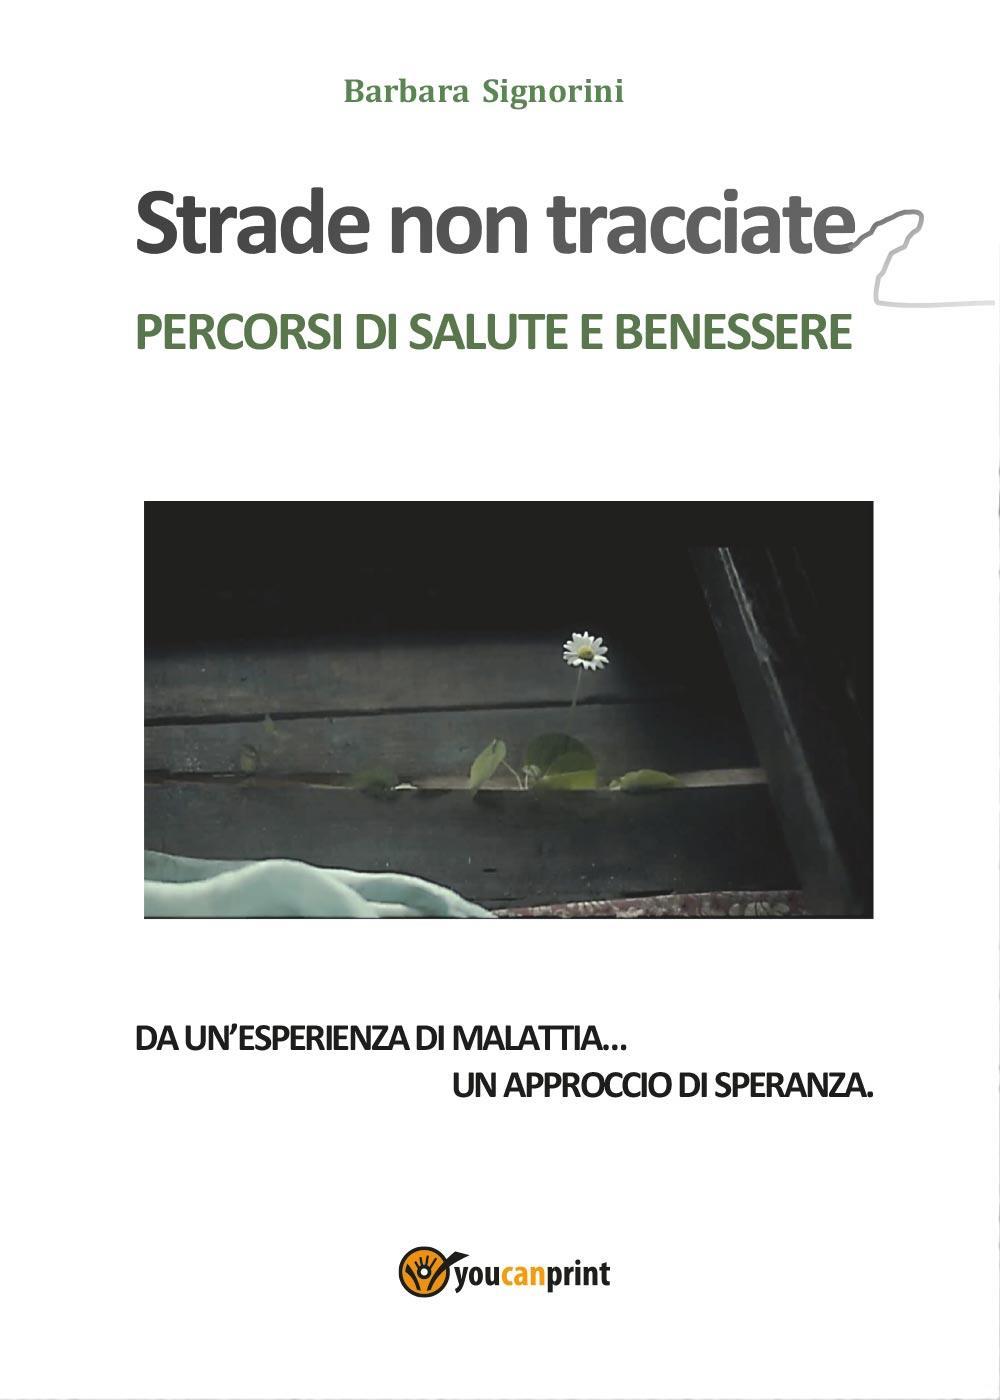 STRADE NON TRACCIATE - Percorsi di salute e benessere